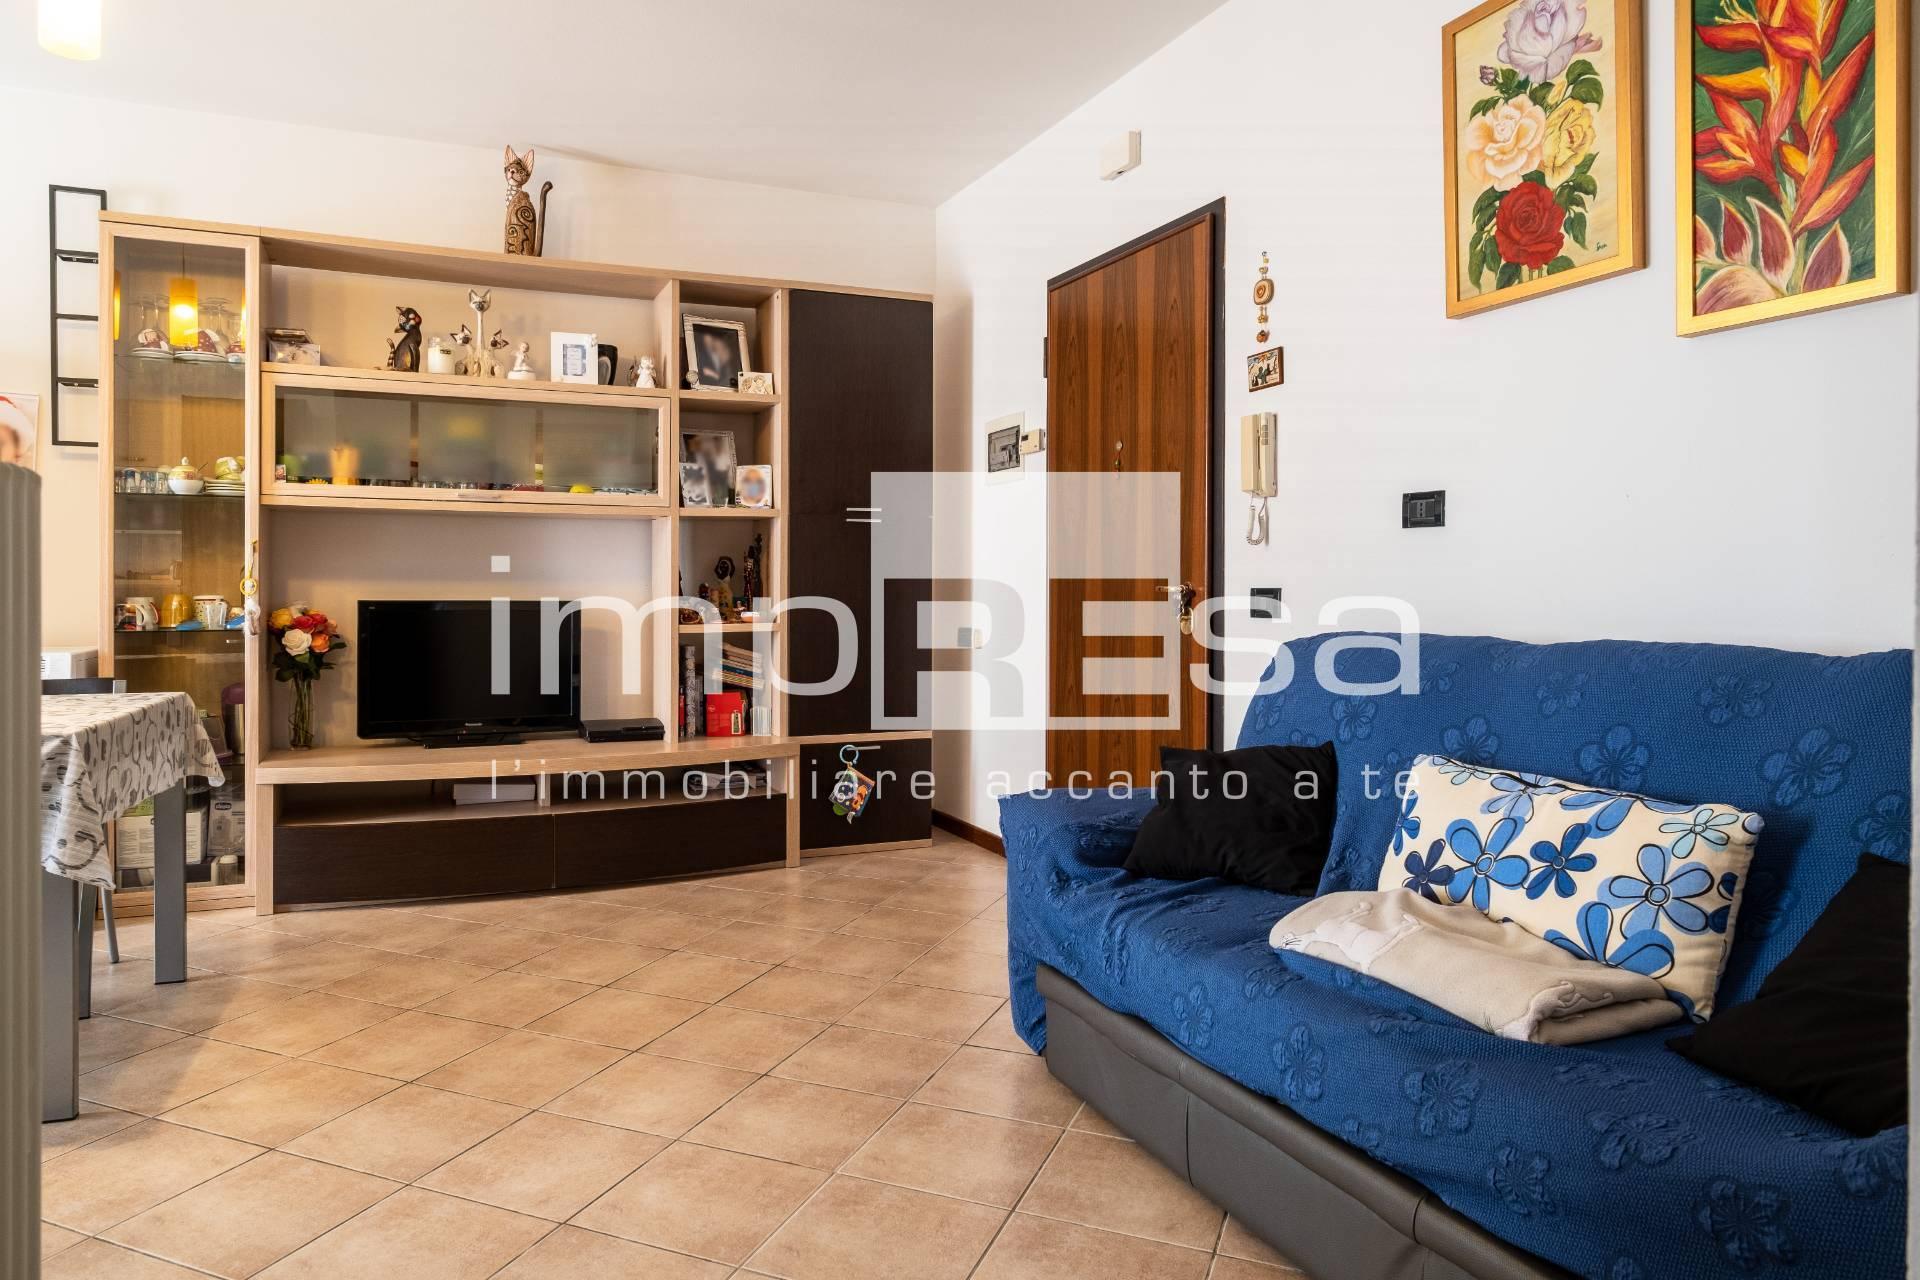 Appartamento in vendita a Preganziol, 4 locali, prezzo € 131.000 | PortaleAgenzieImmobiliari.it